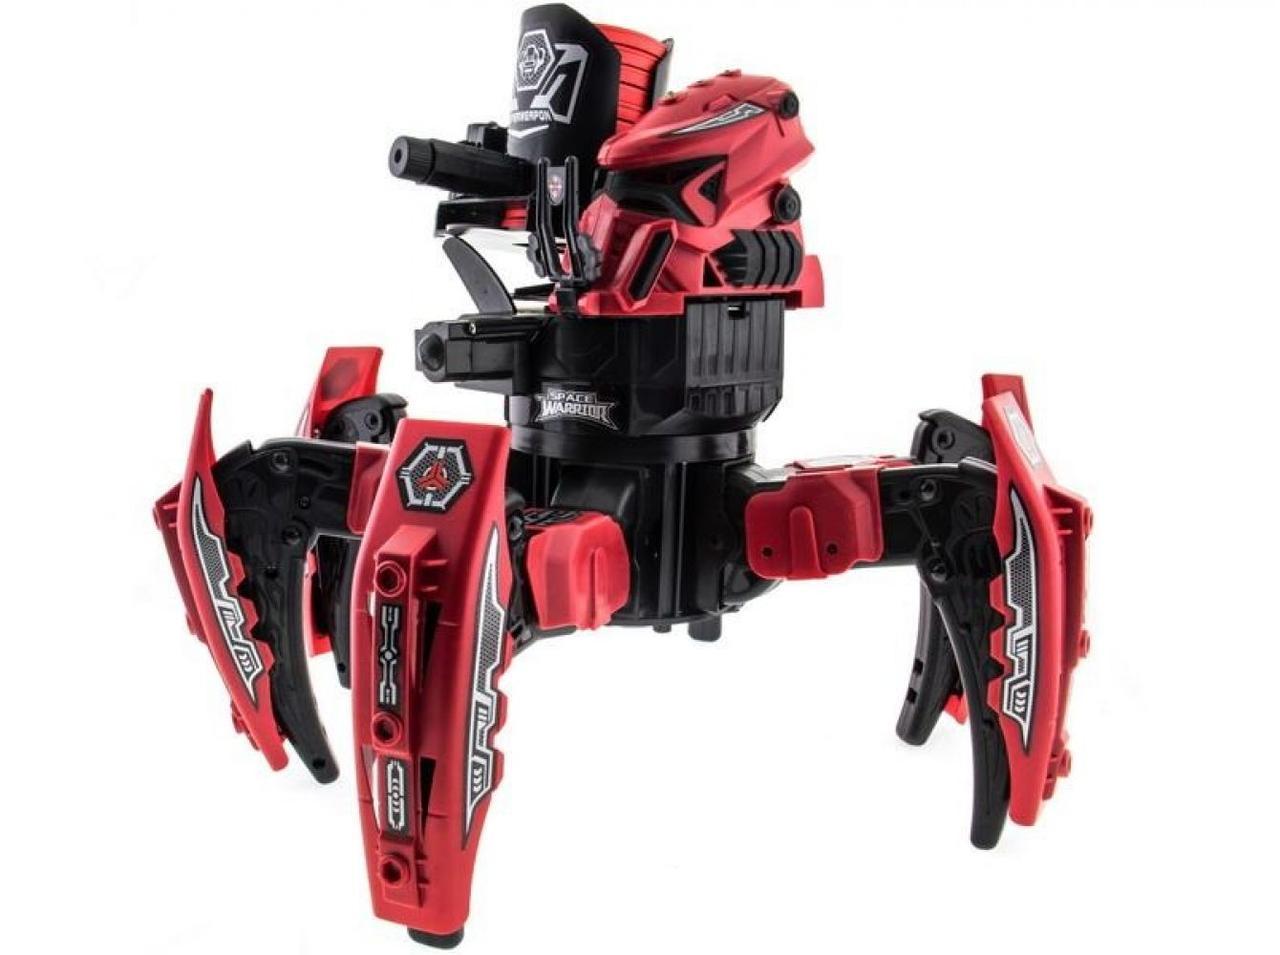 Робот-паук радиоуправляемый Keye Space Warrior с ракетами и лазером (красный)